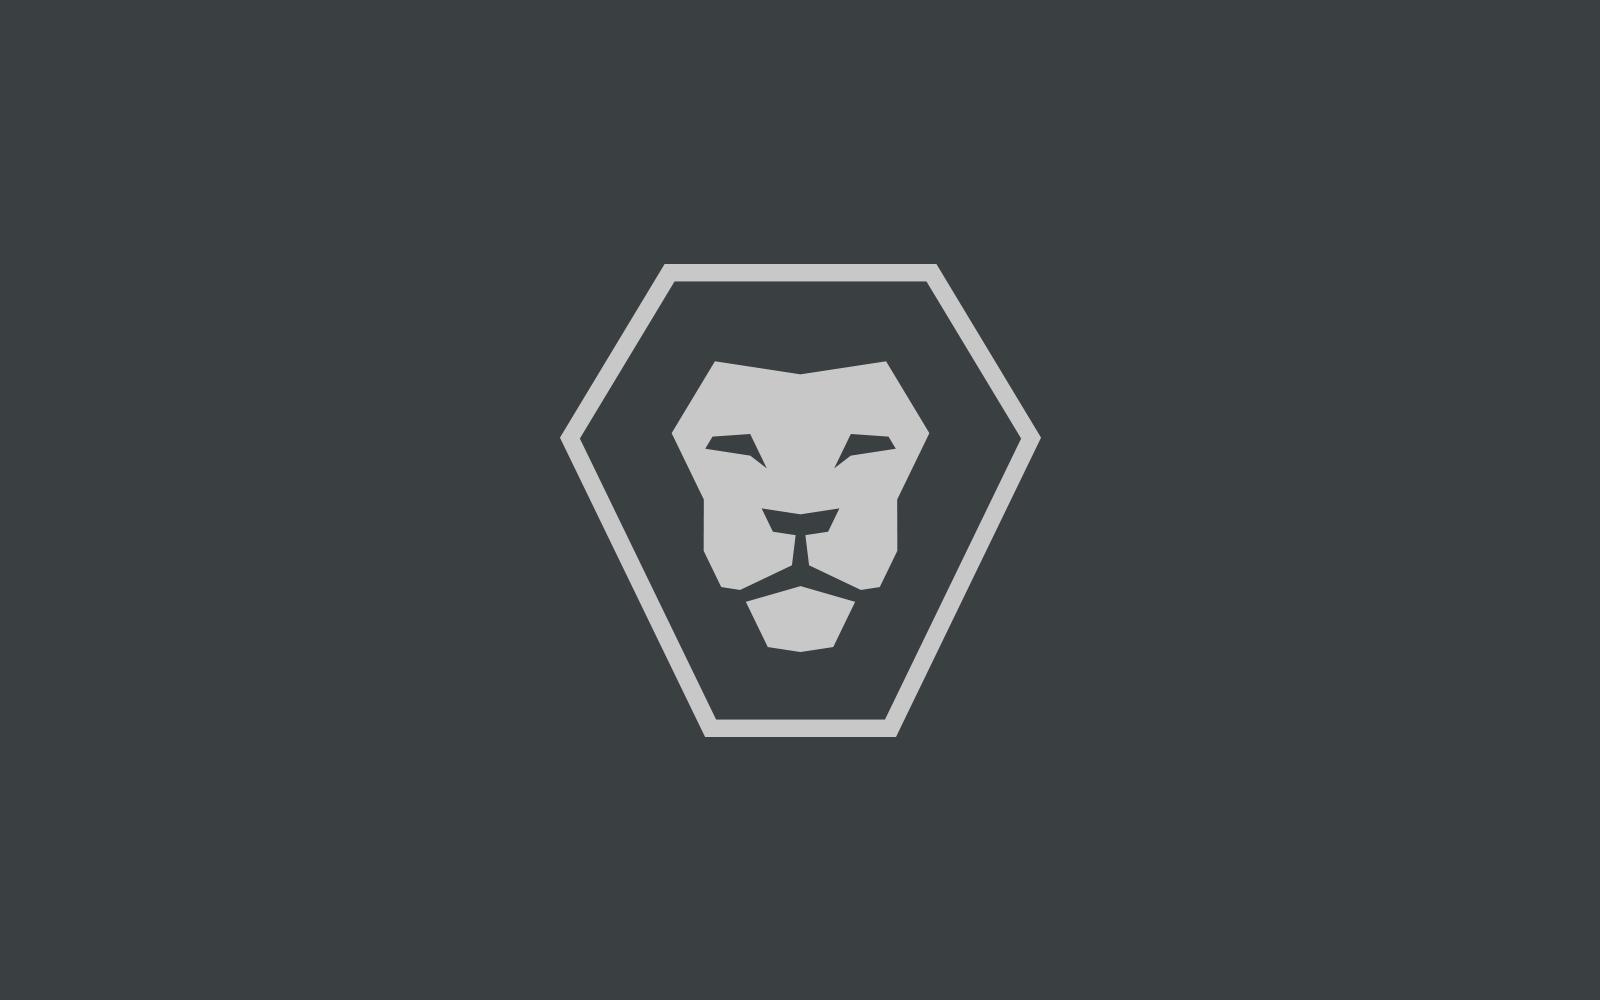 logo_1600p_loewe